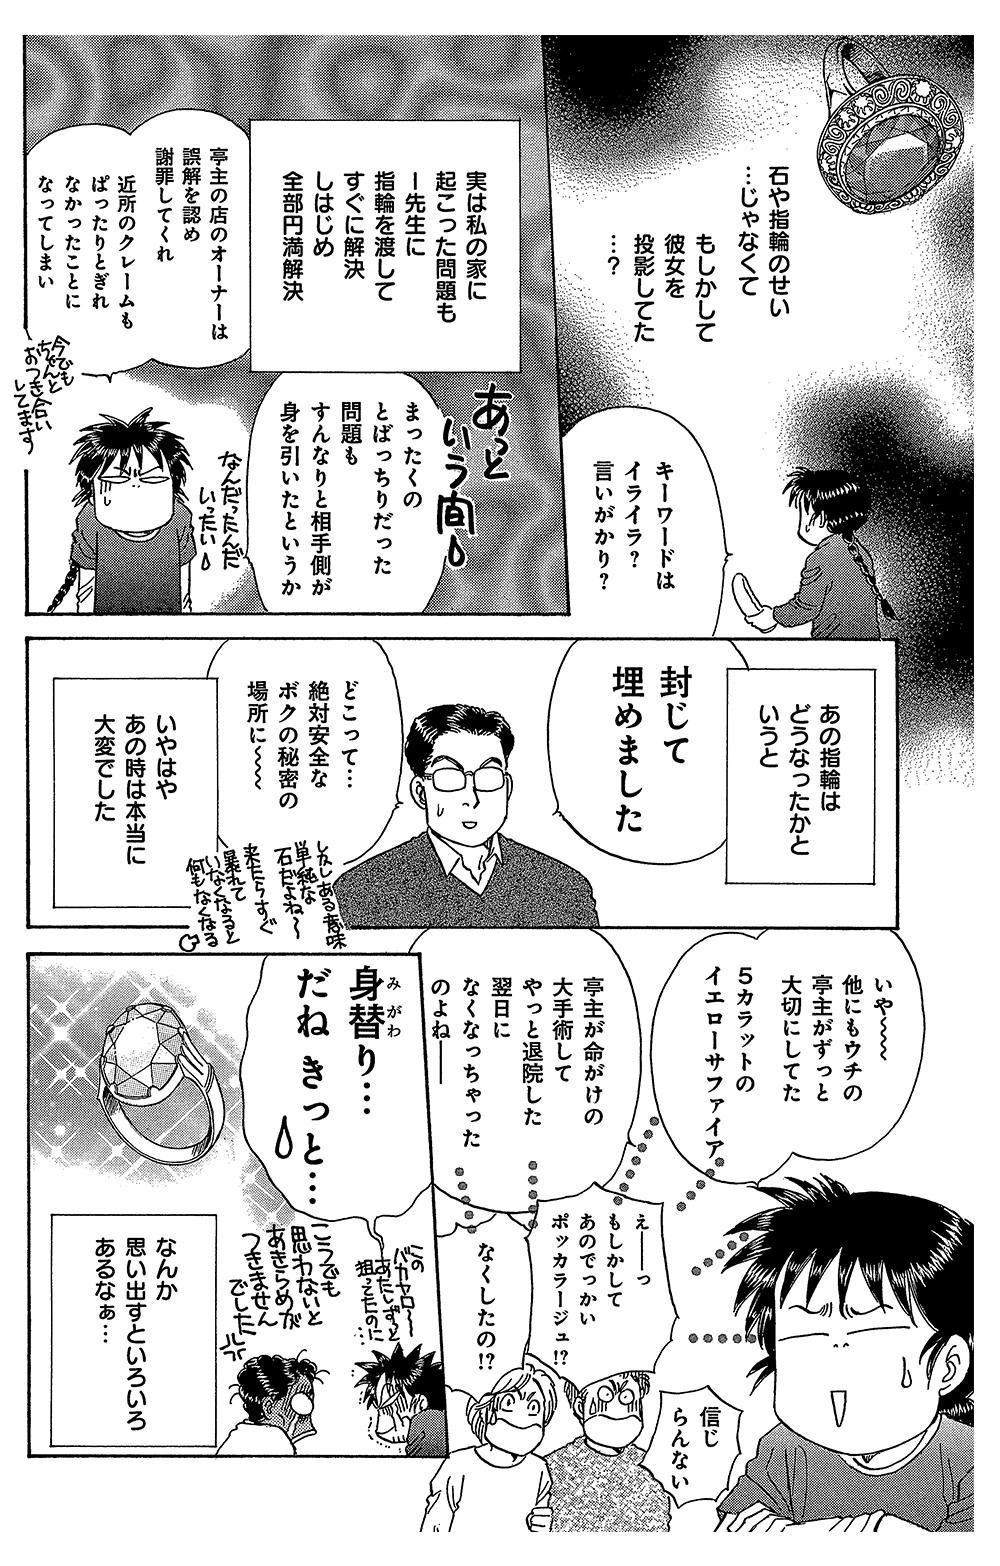 オカルト万華鏡 第1話 ②oka14.jpg